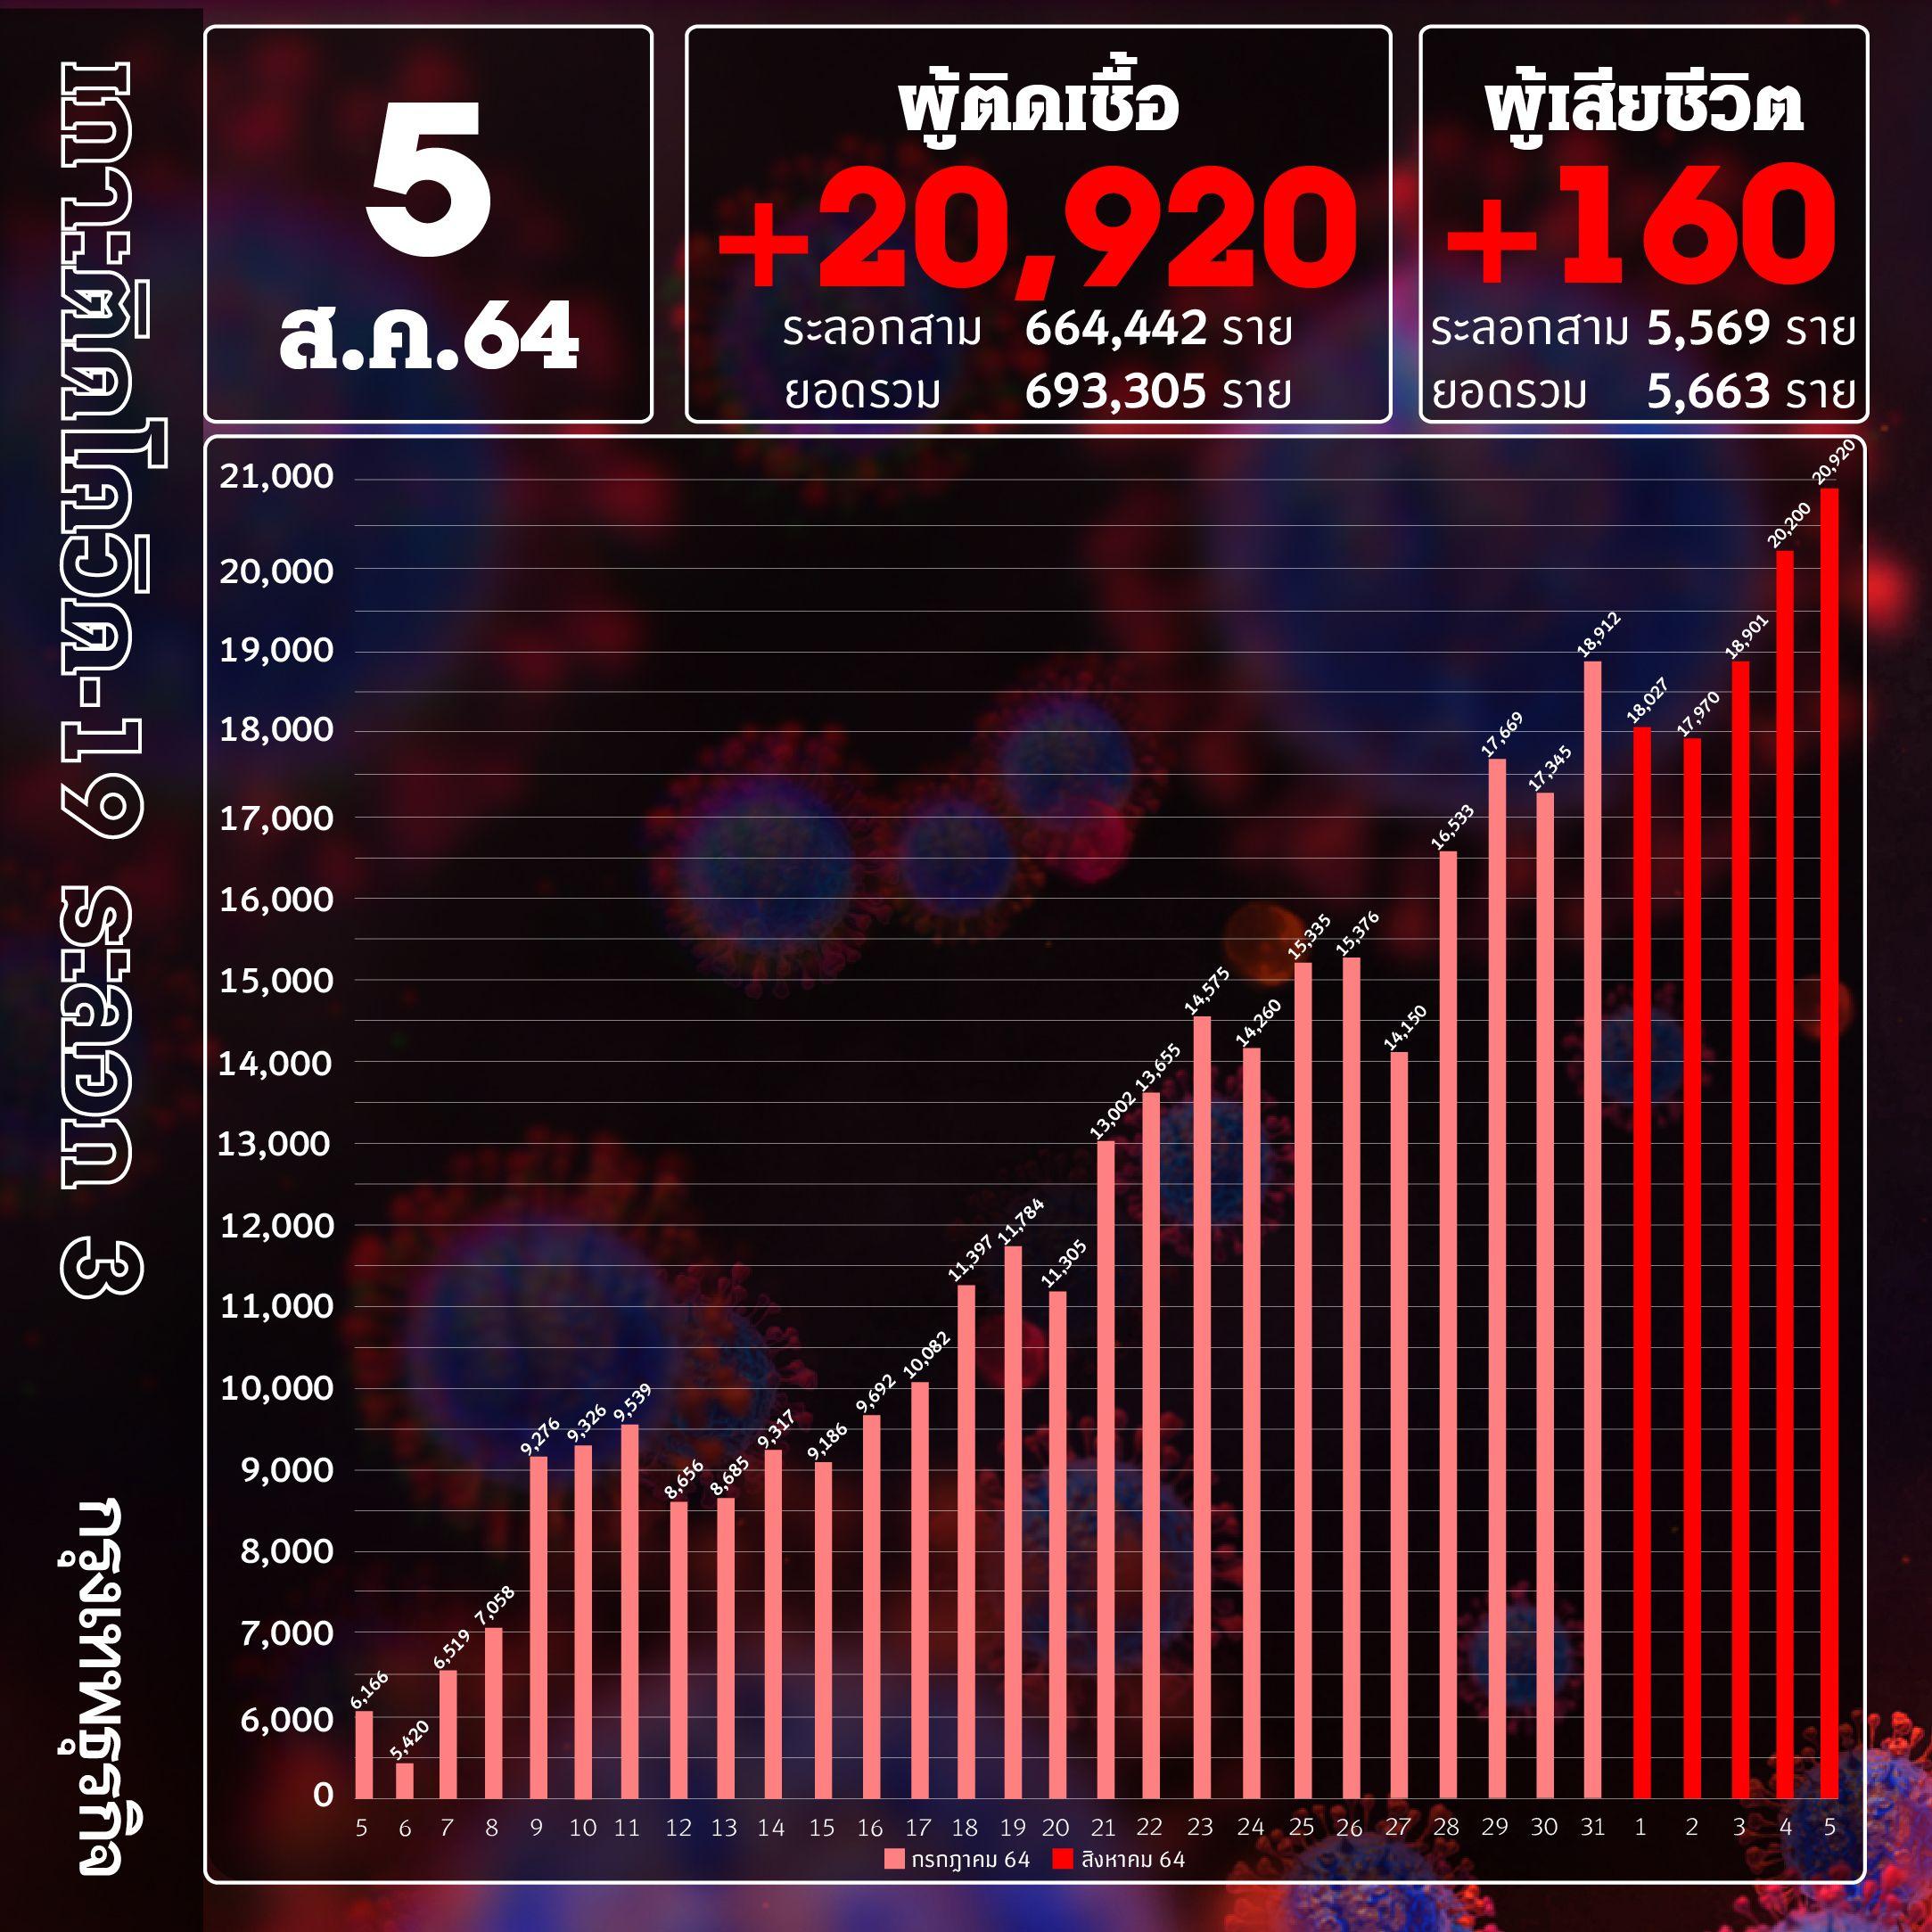 ยอด 'โควิด-19' วันนี้ ยังสูง! พบเสียชีวิต 160 ราย ติดเชื้อเพิ่ม 20,920ราย